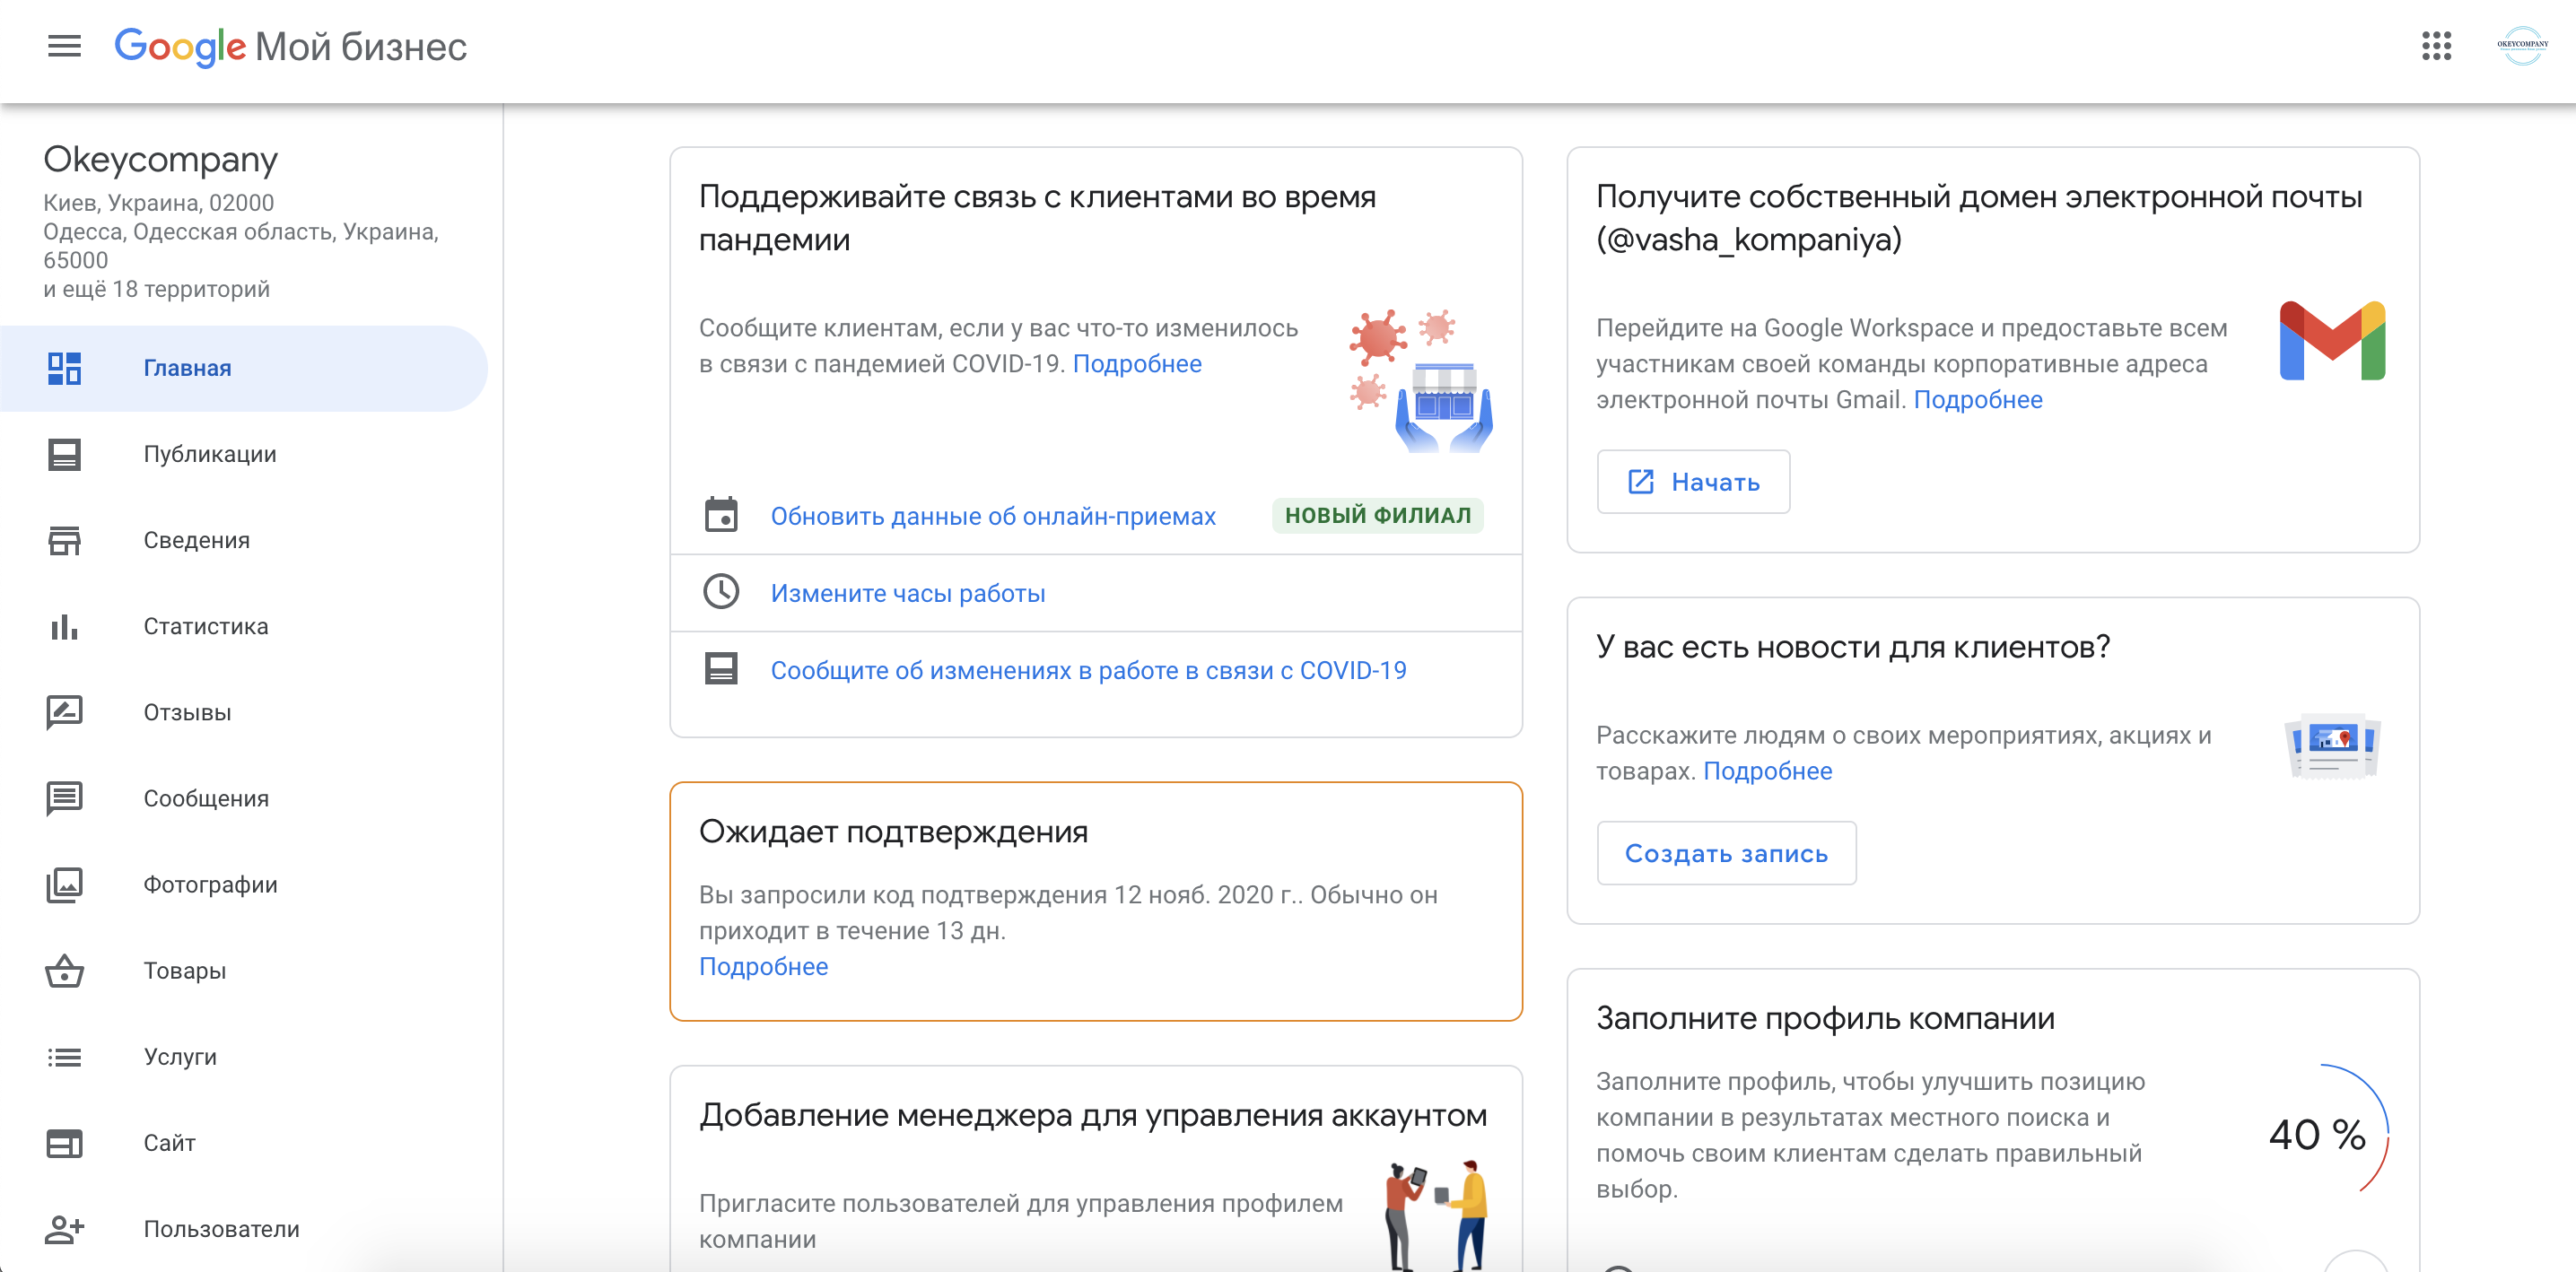 Используйте панель управления Google Мой бизнес, чтобы обновлять данные о компании.